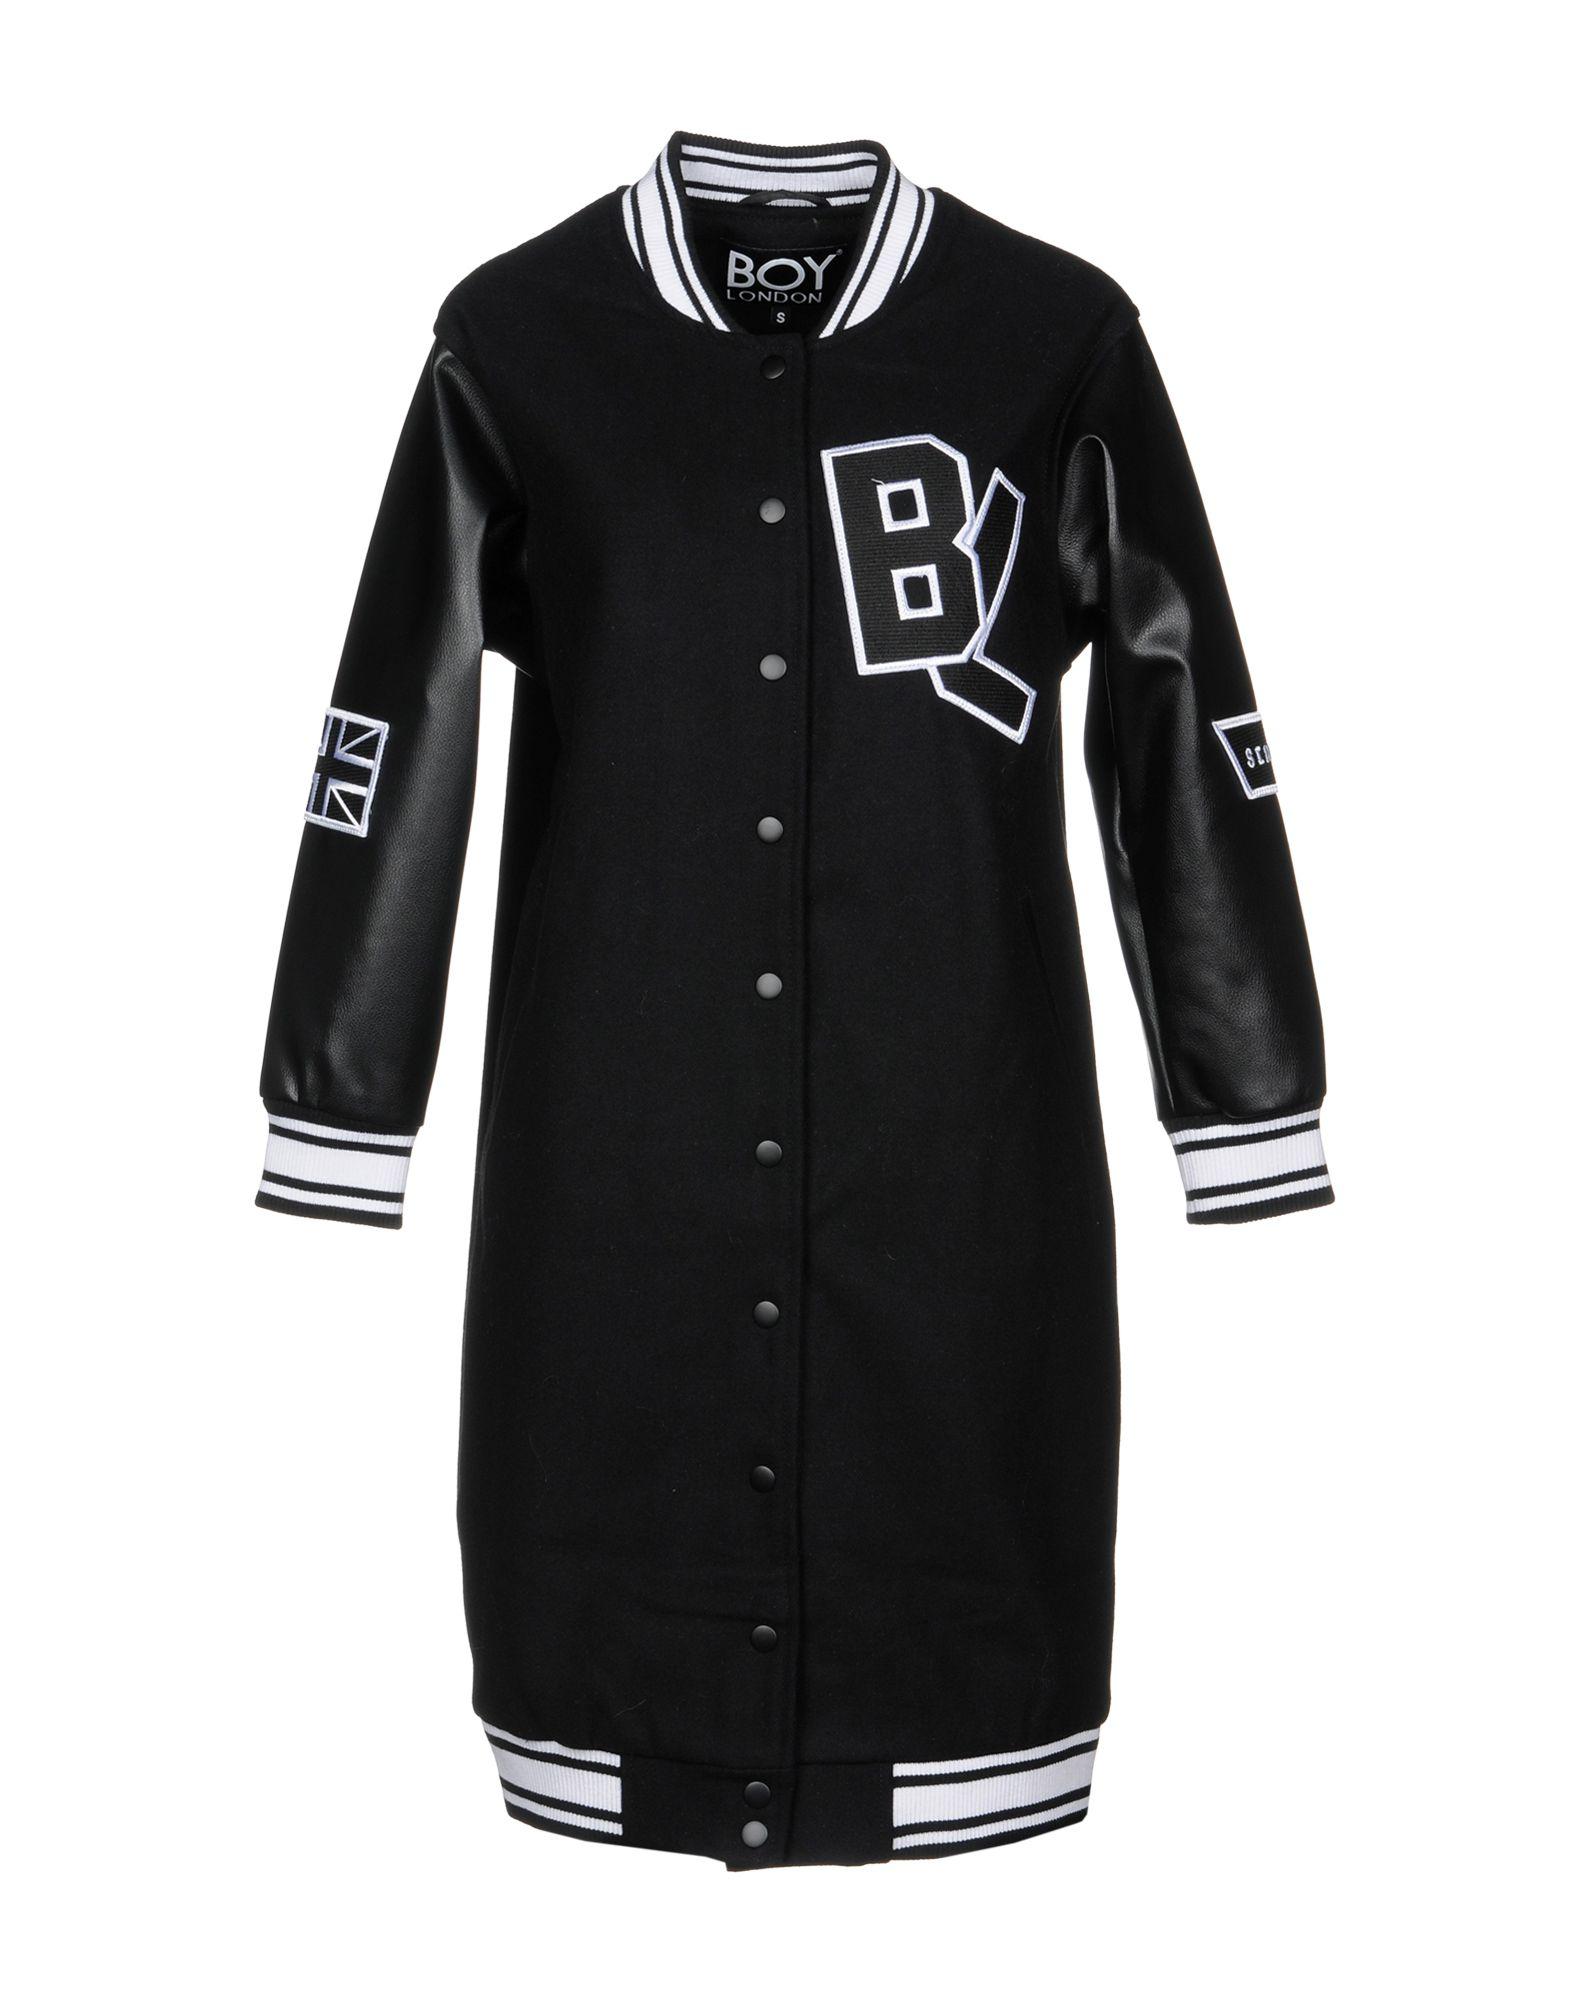 BOY LONDON Coat in Black